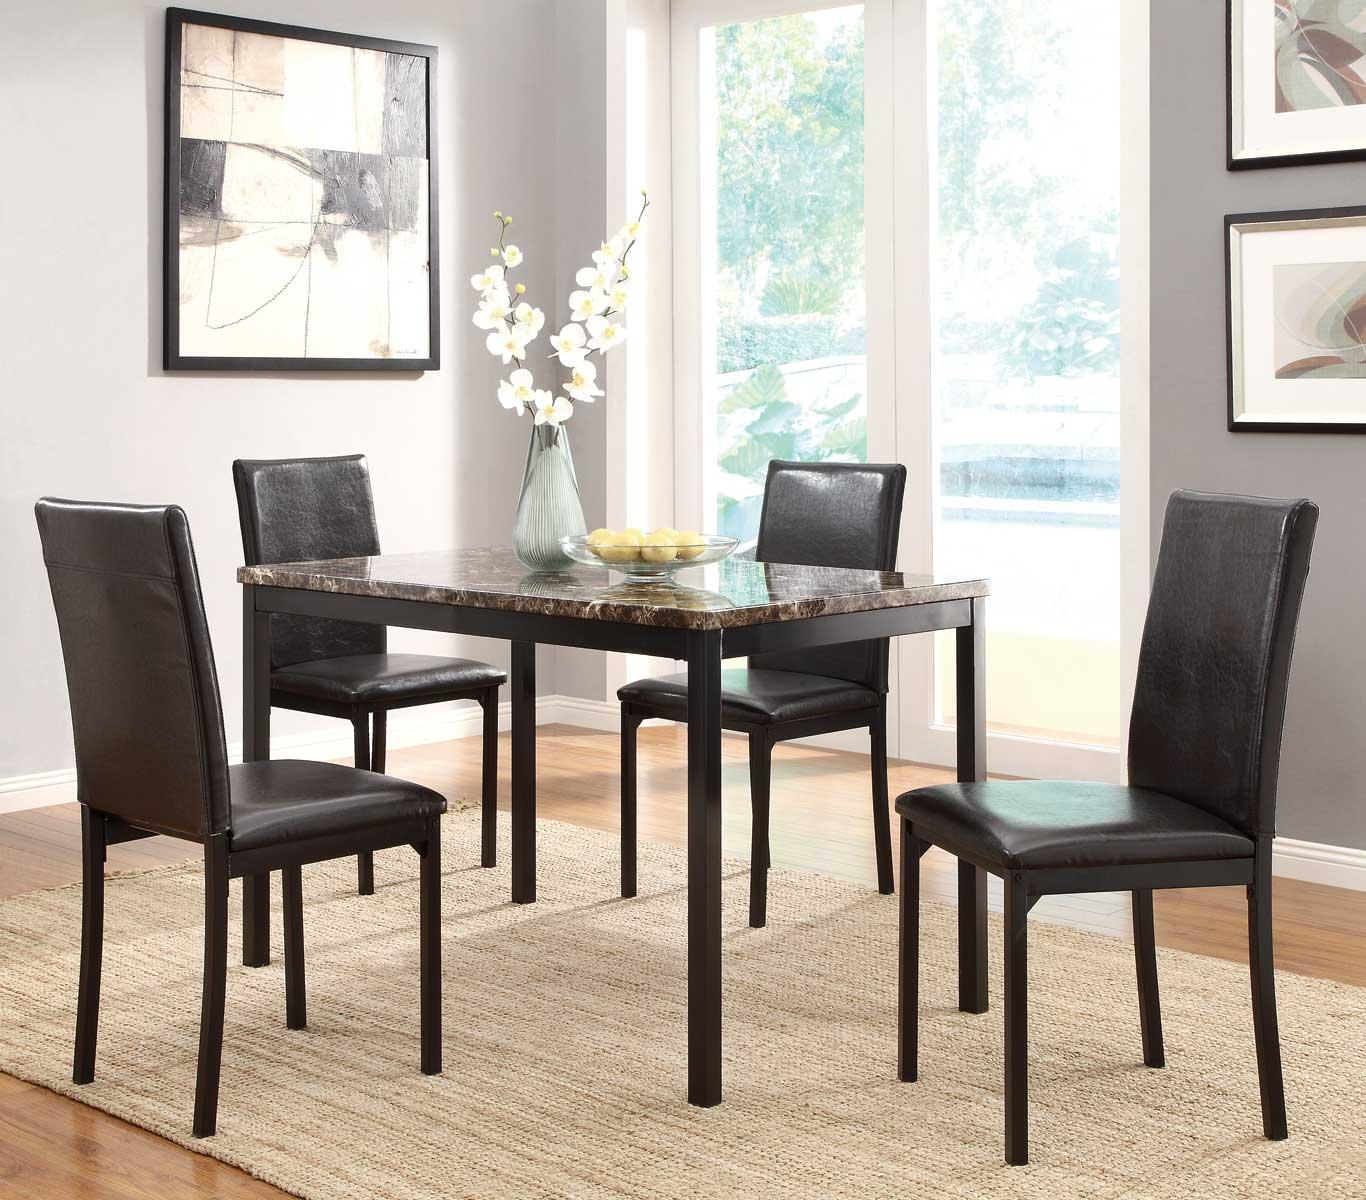 Homelegance Tempe Dining Set - Black